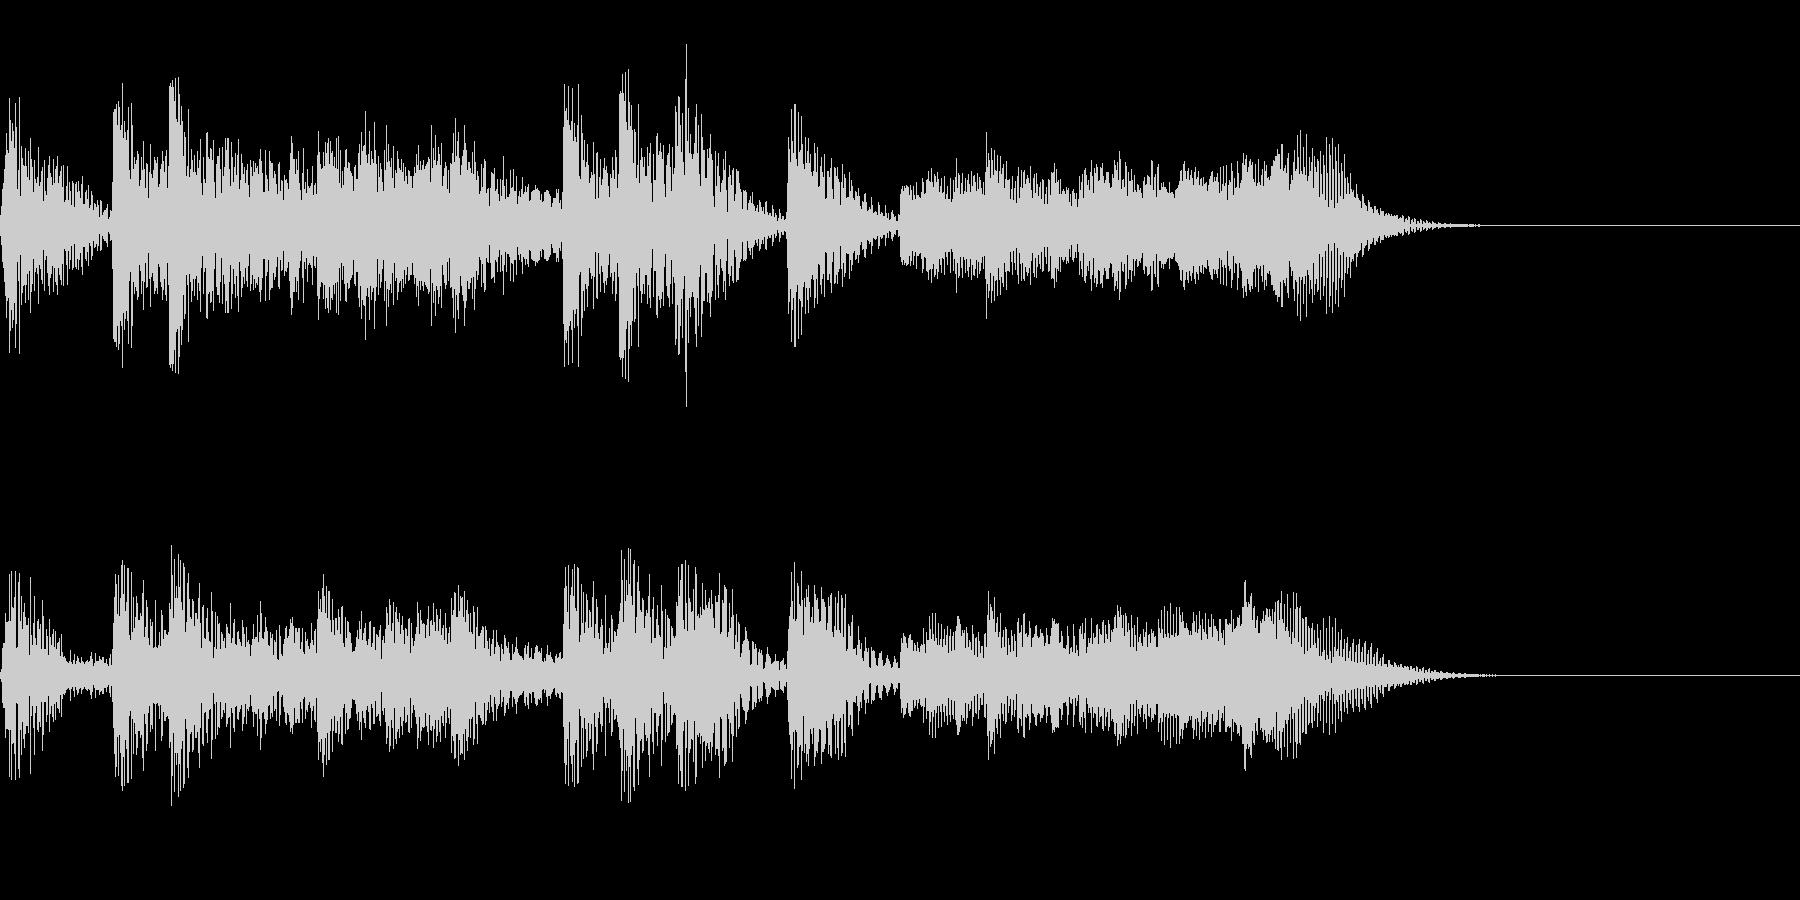 パンパカパン~マリンバのファンファーレ~の未再生の波形